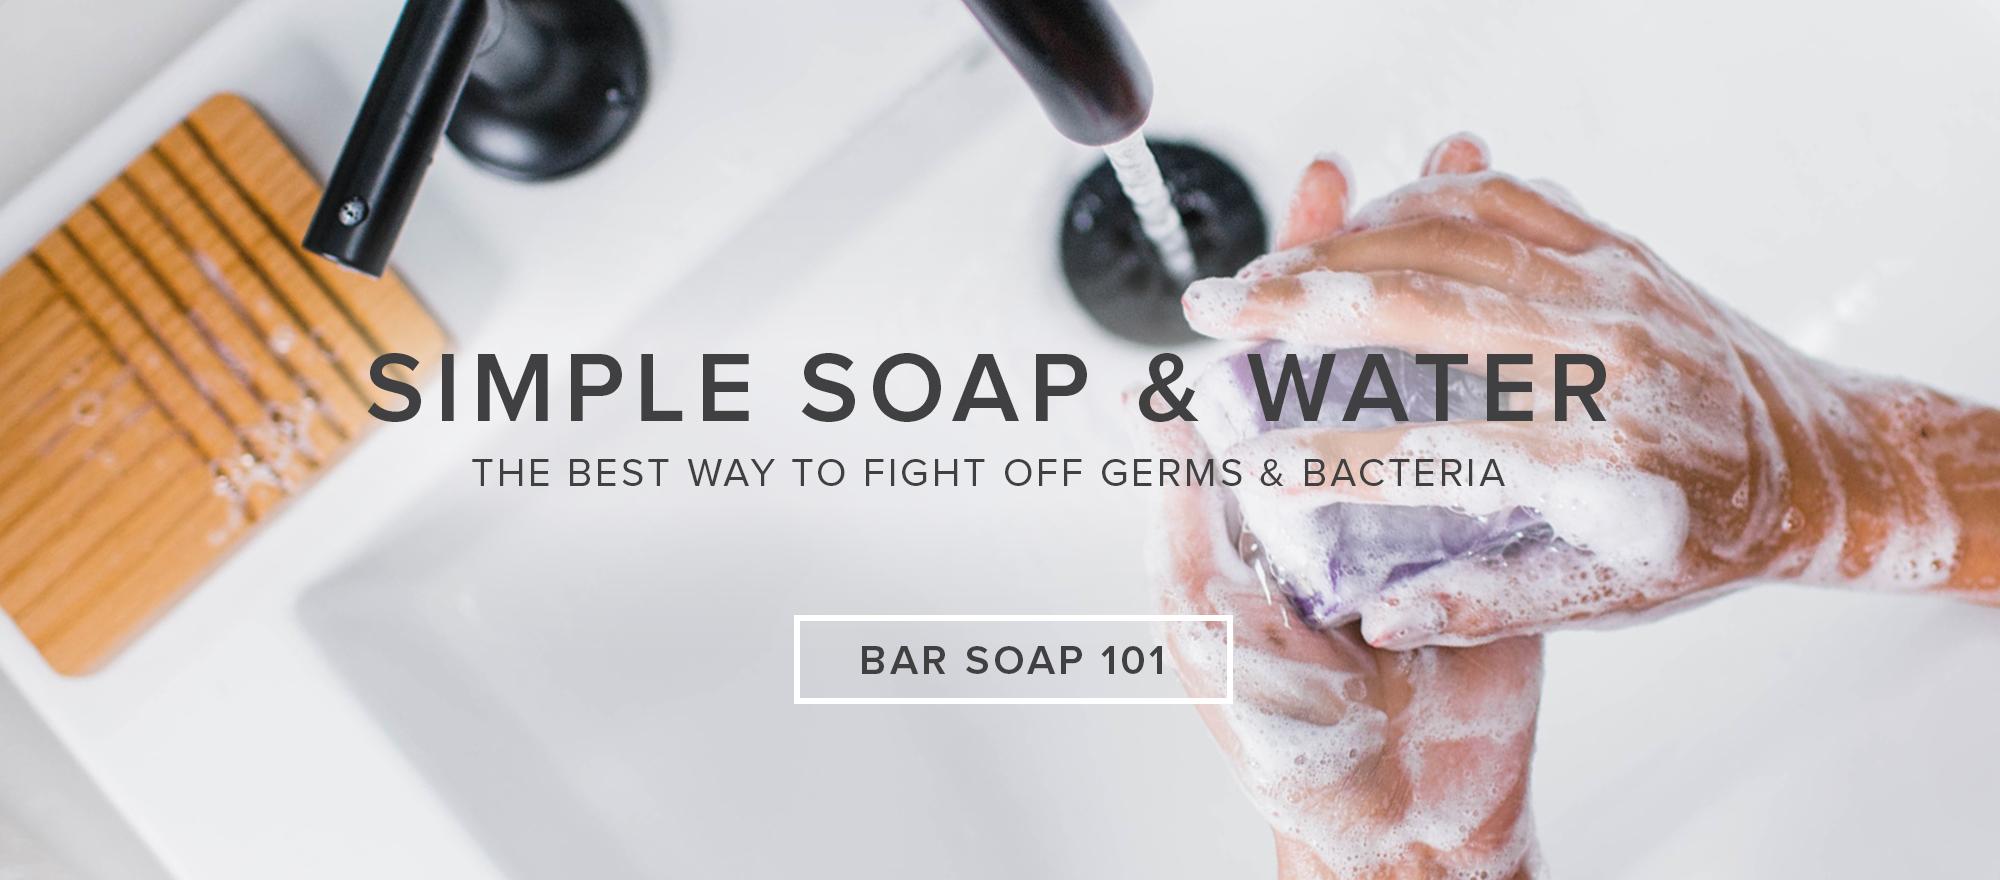 Bar Soap 101